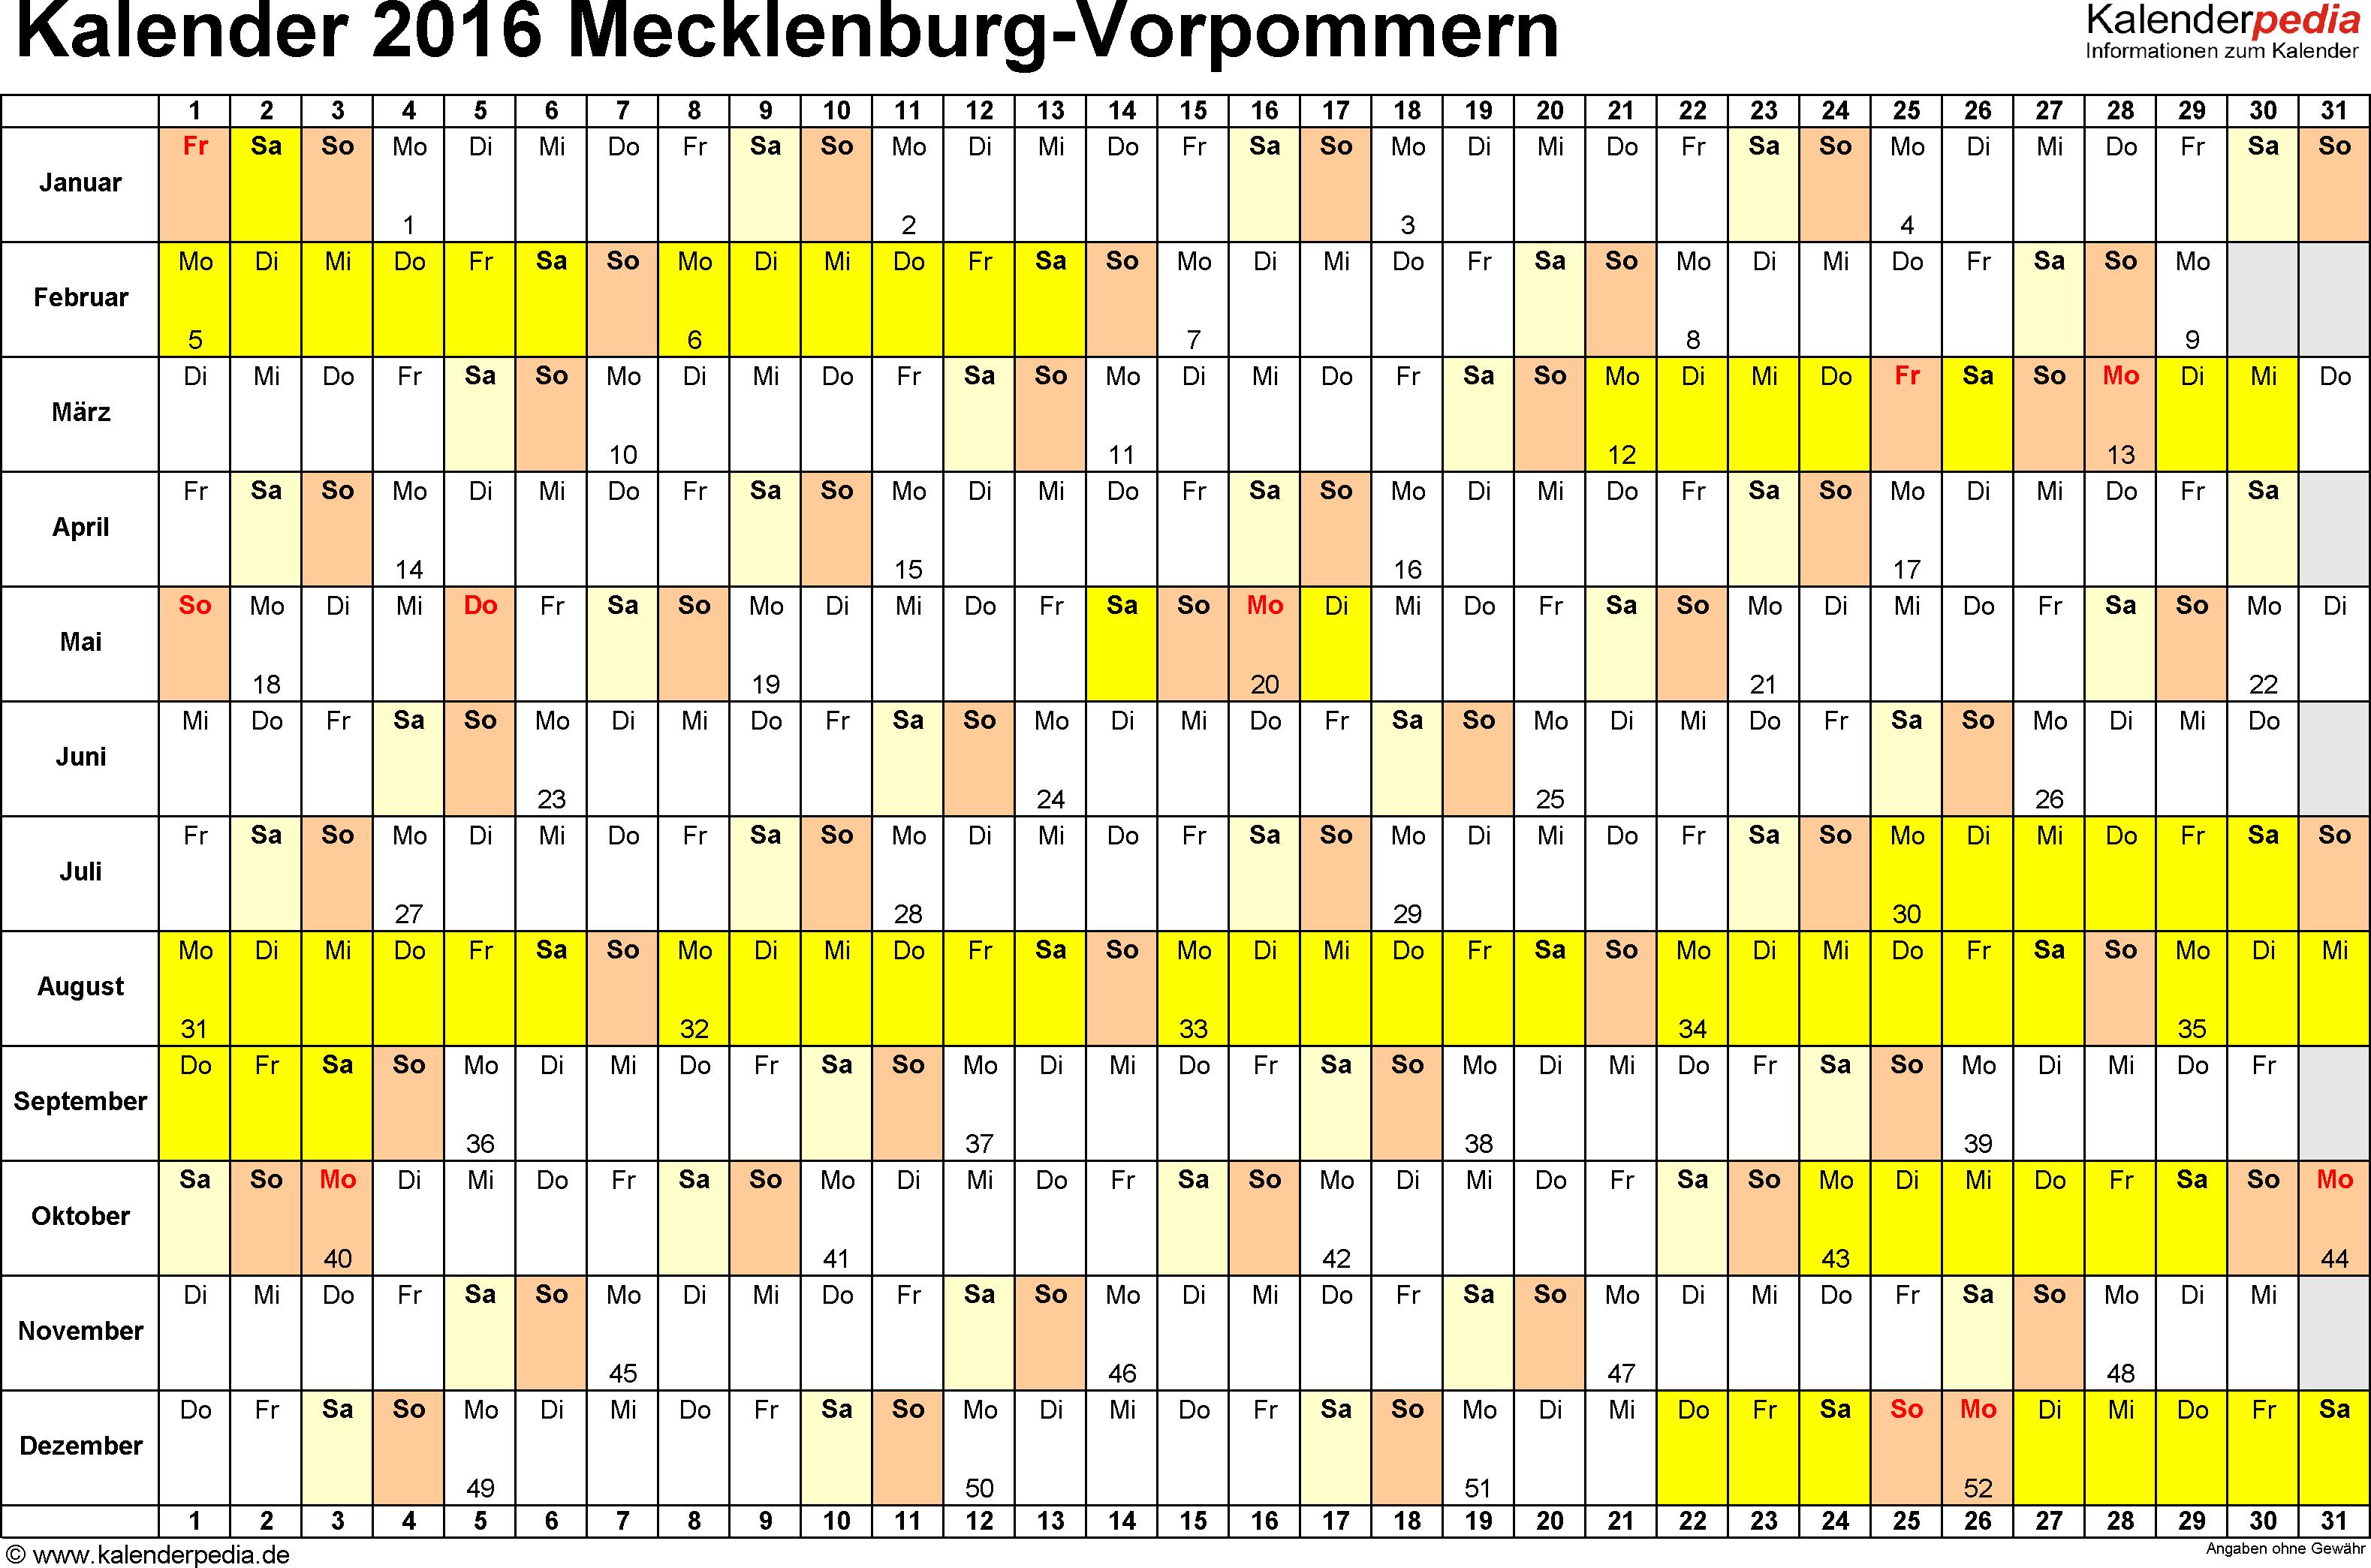 Vorlage 2: Kalender Mecklenburg-Vorpommern 2016 im Querformat, Tage nebeneinander